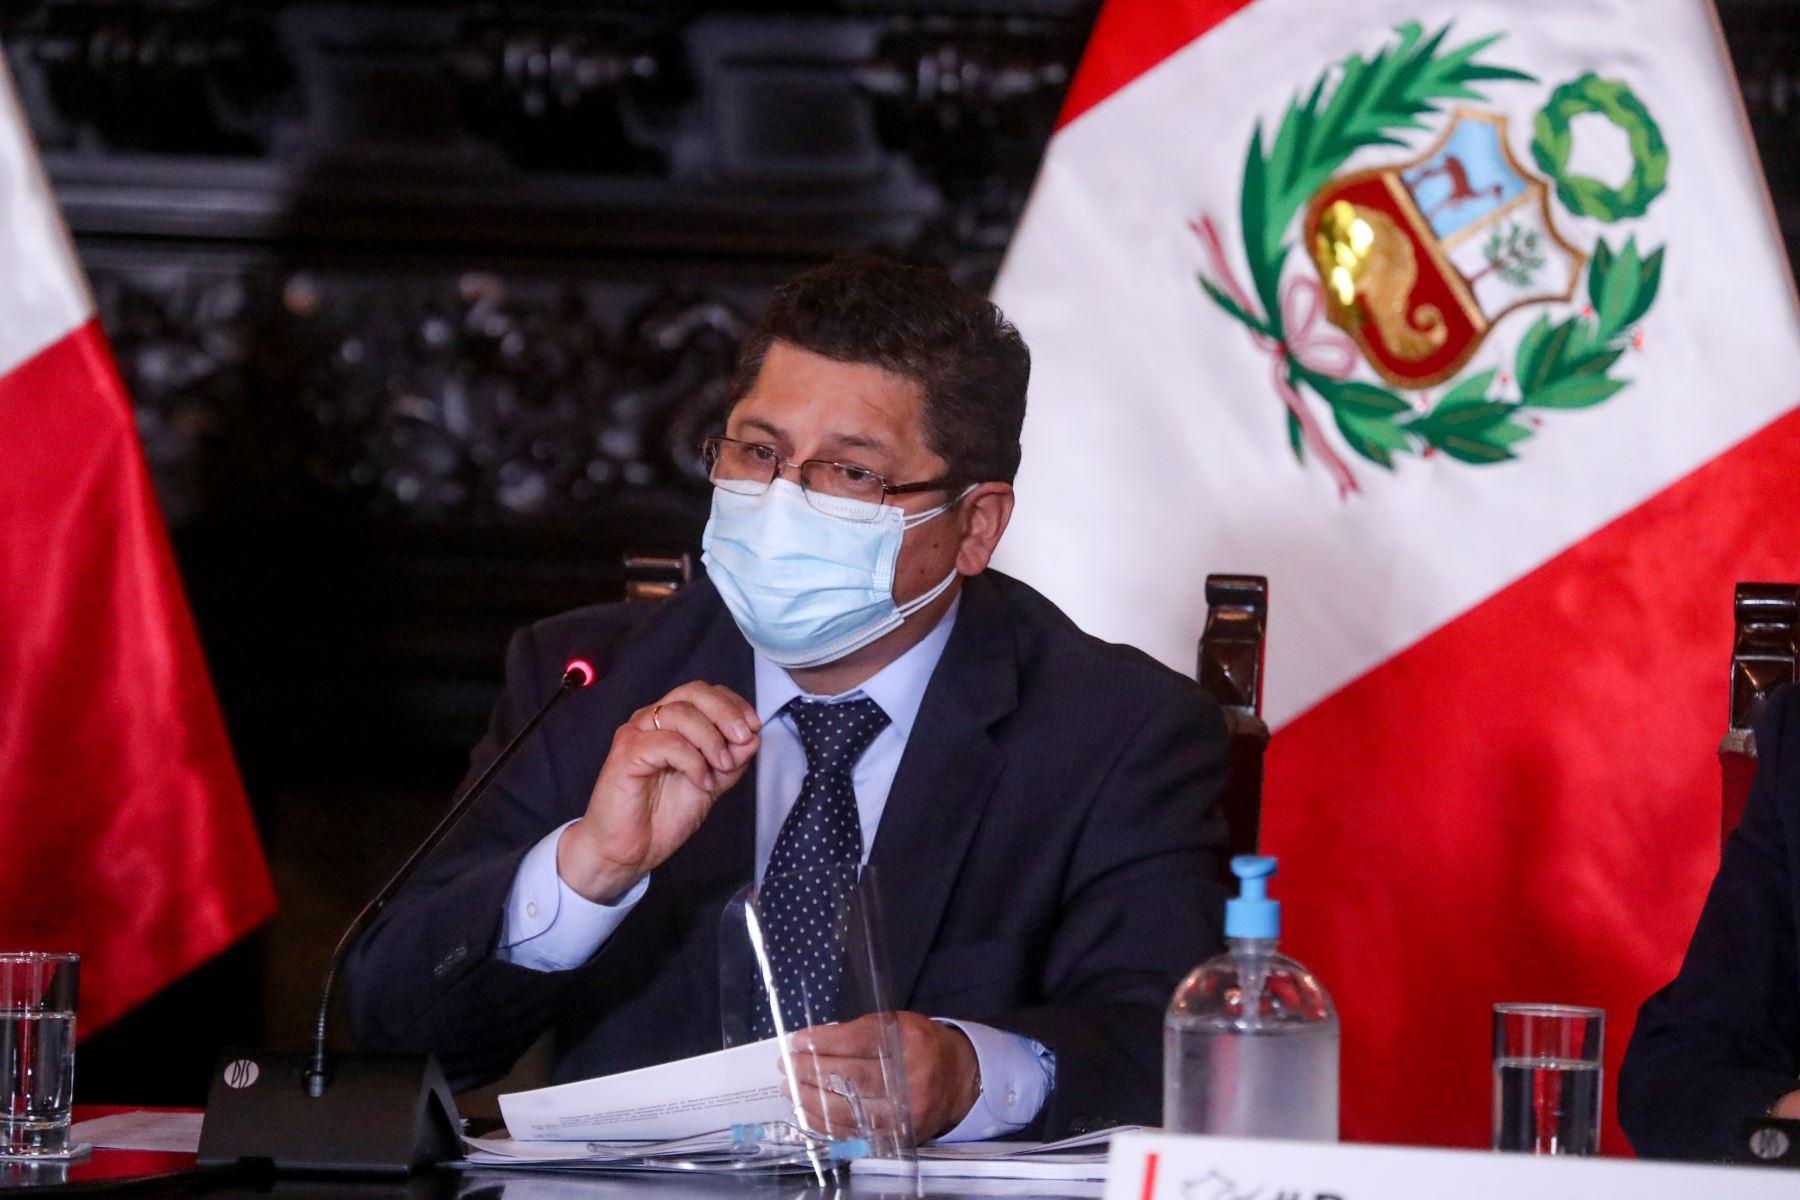 El  Ministro de Justicia, Eduardo Vega brinda nuevos reportes y acciones realizadas para hacer frente a la pandemia de la covid-19. Foto: ANDINA / PCM